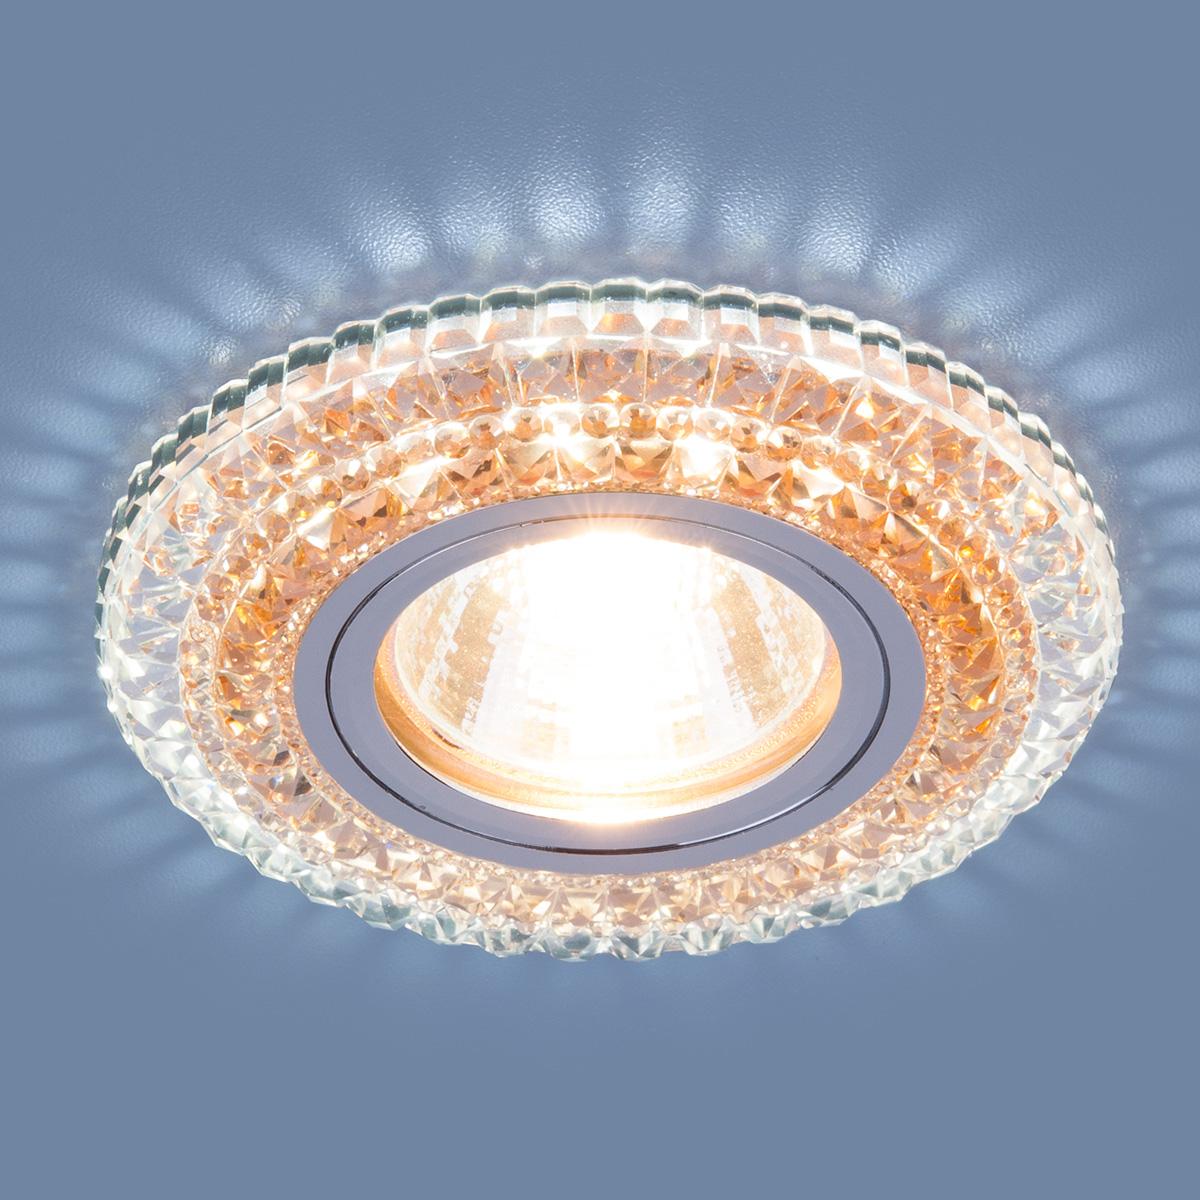 Точечный светодиодный светильник 2193 MR16 CL/OR прозрачный/оранжевый